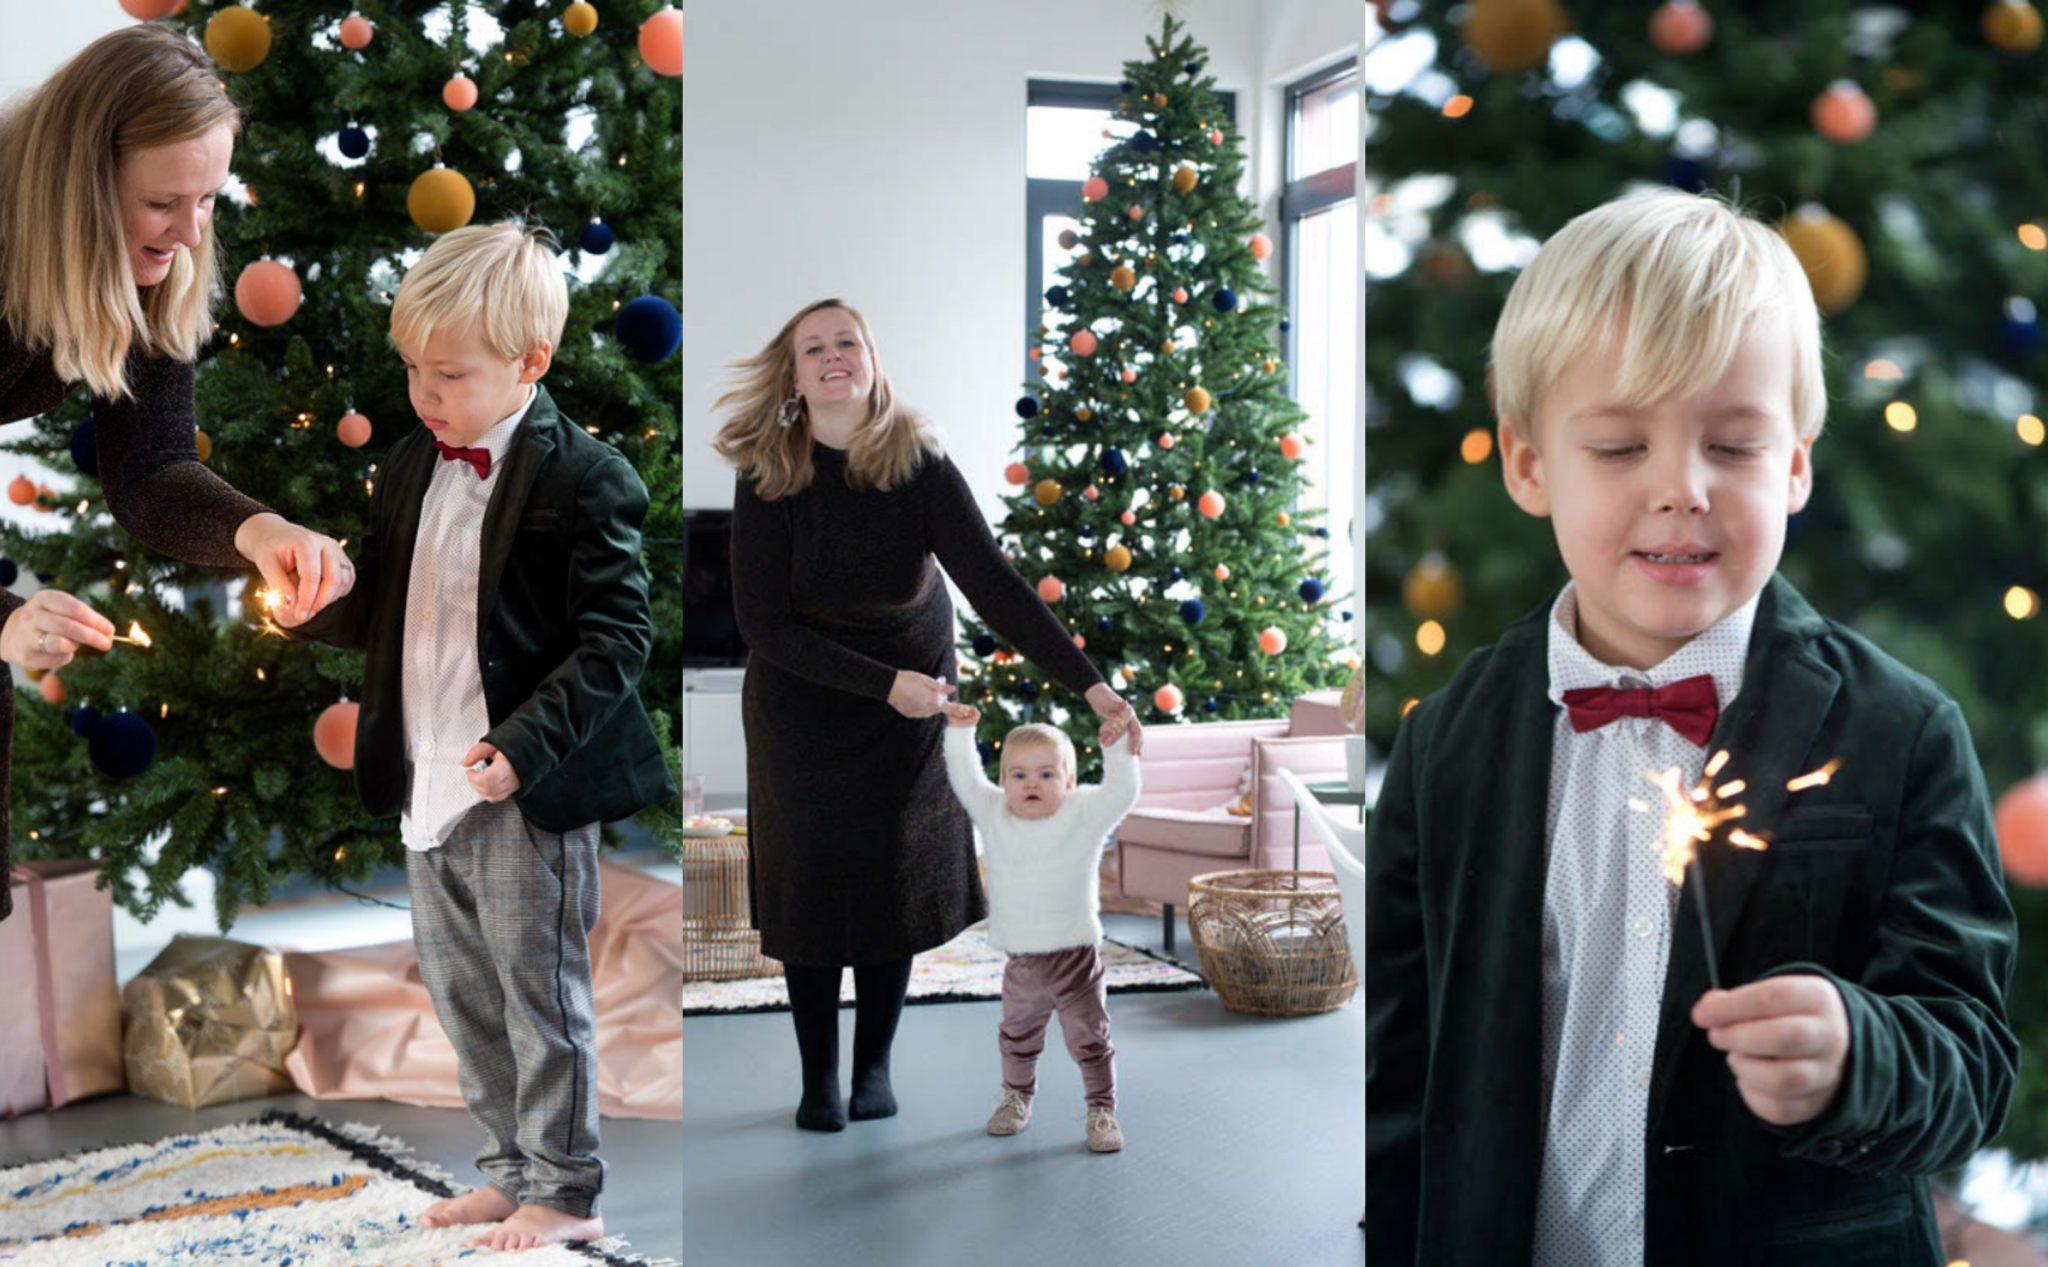 kerst vieren gezin